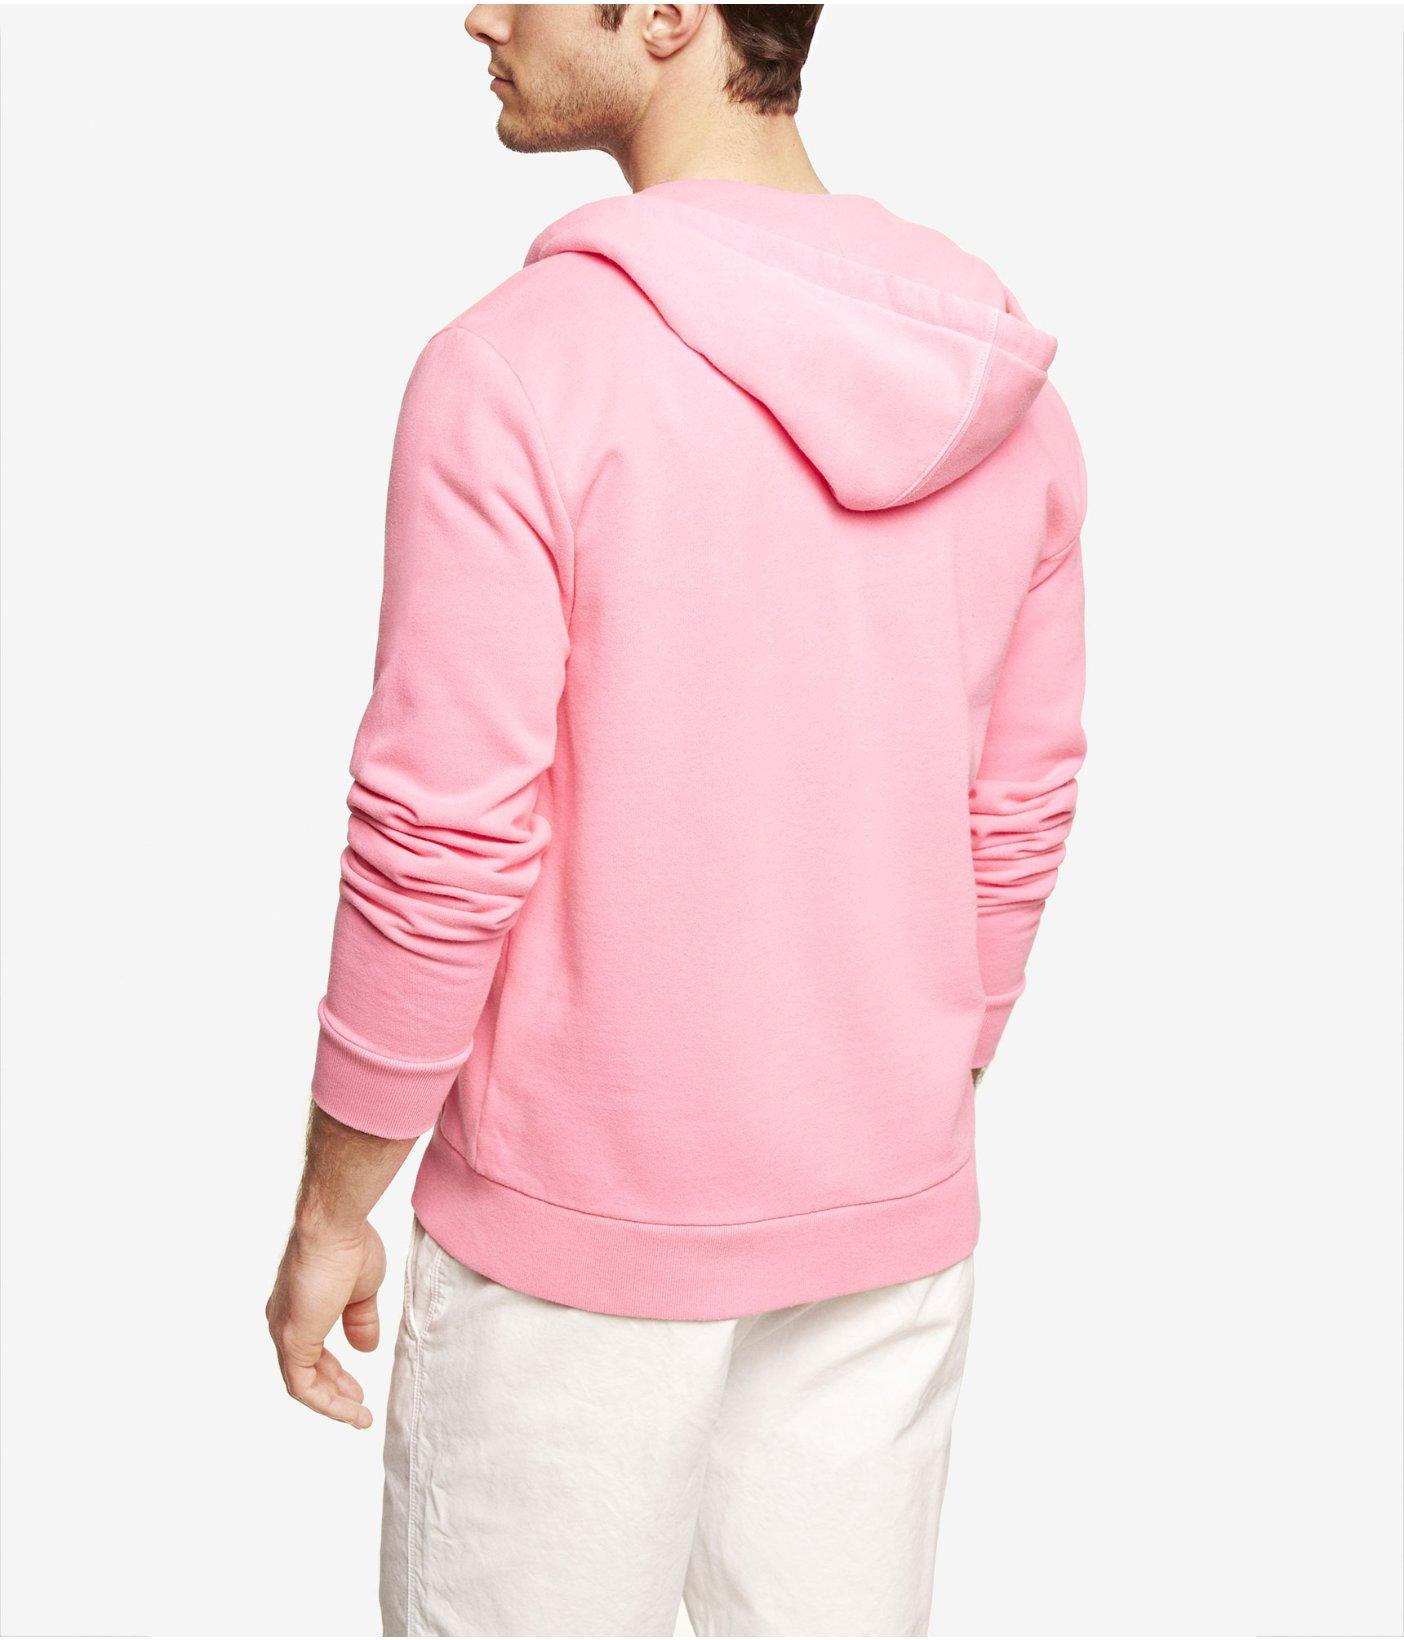 Mens Pink Hooded Sweatshirt | Fashion Ql